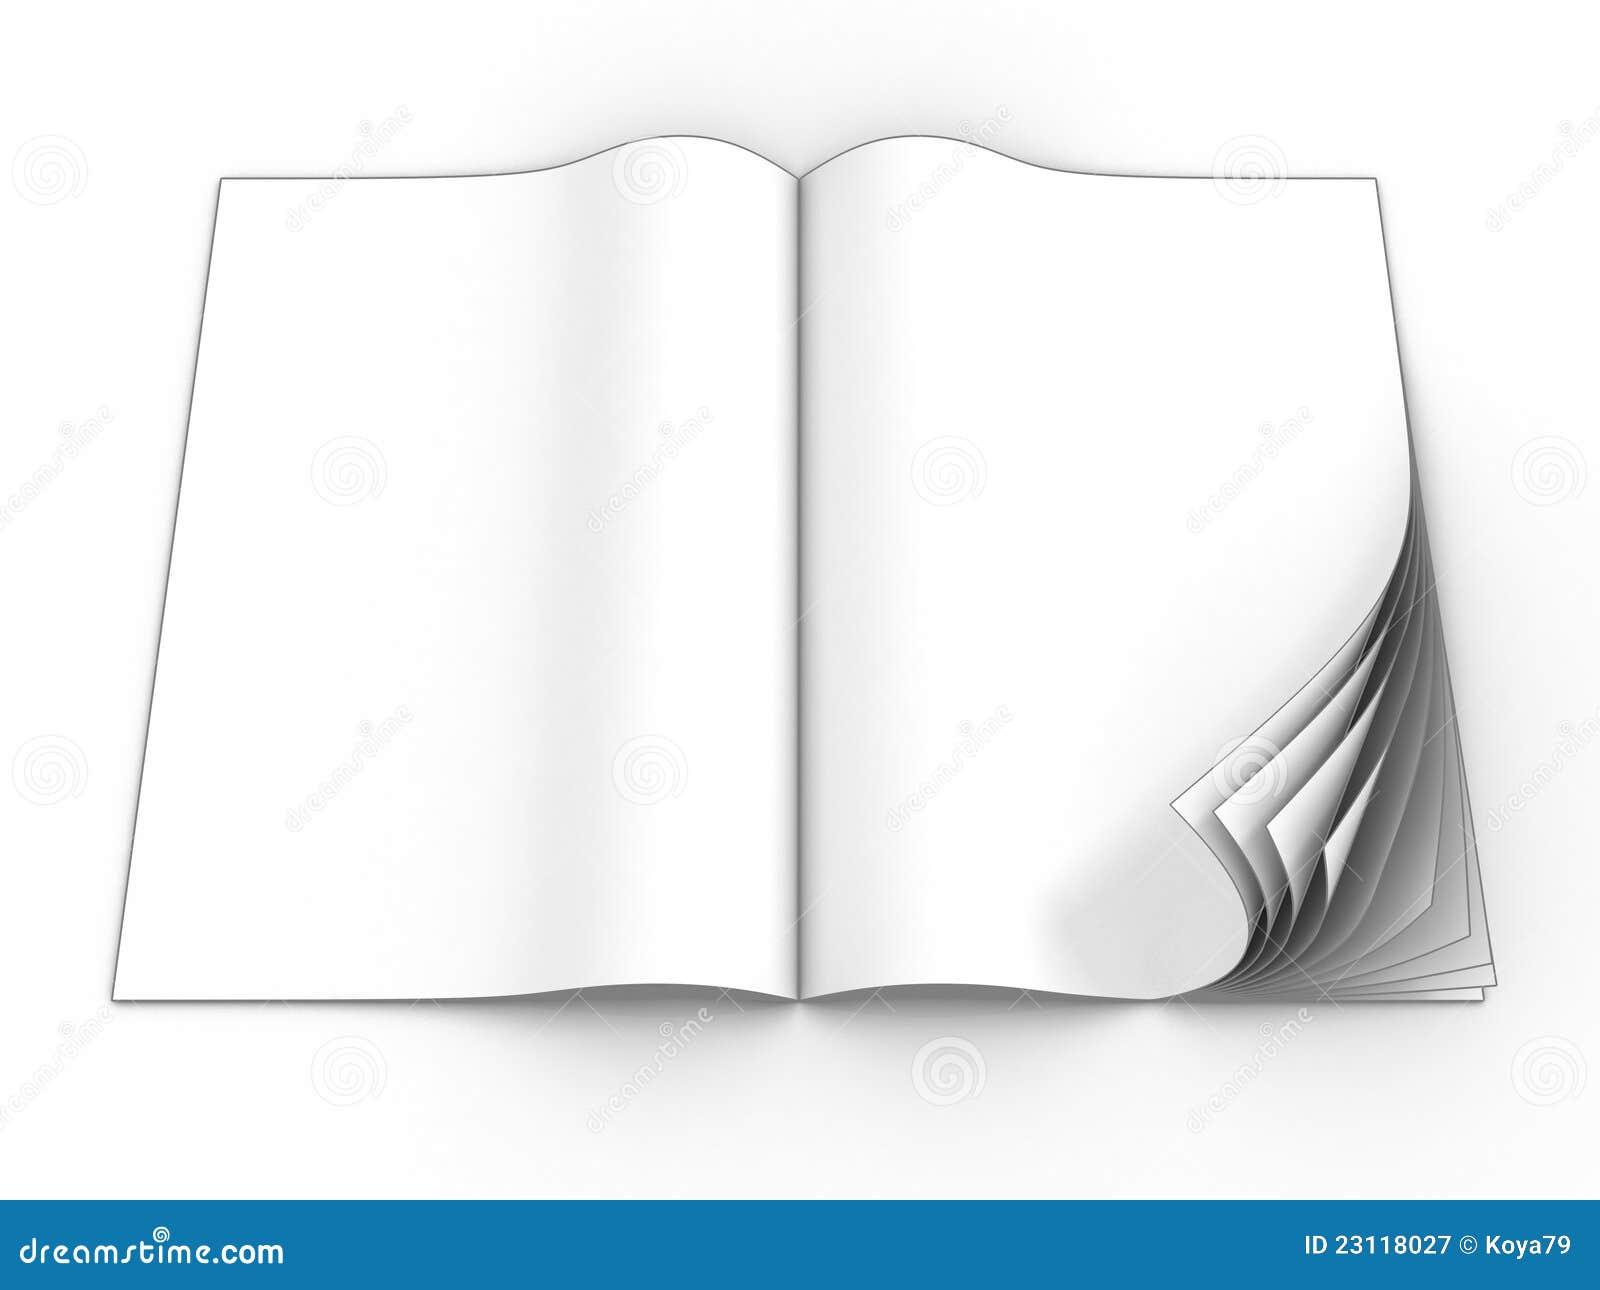 open blank magazine stock illustration  illustration of